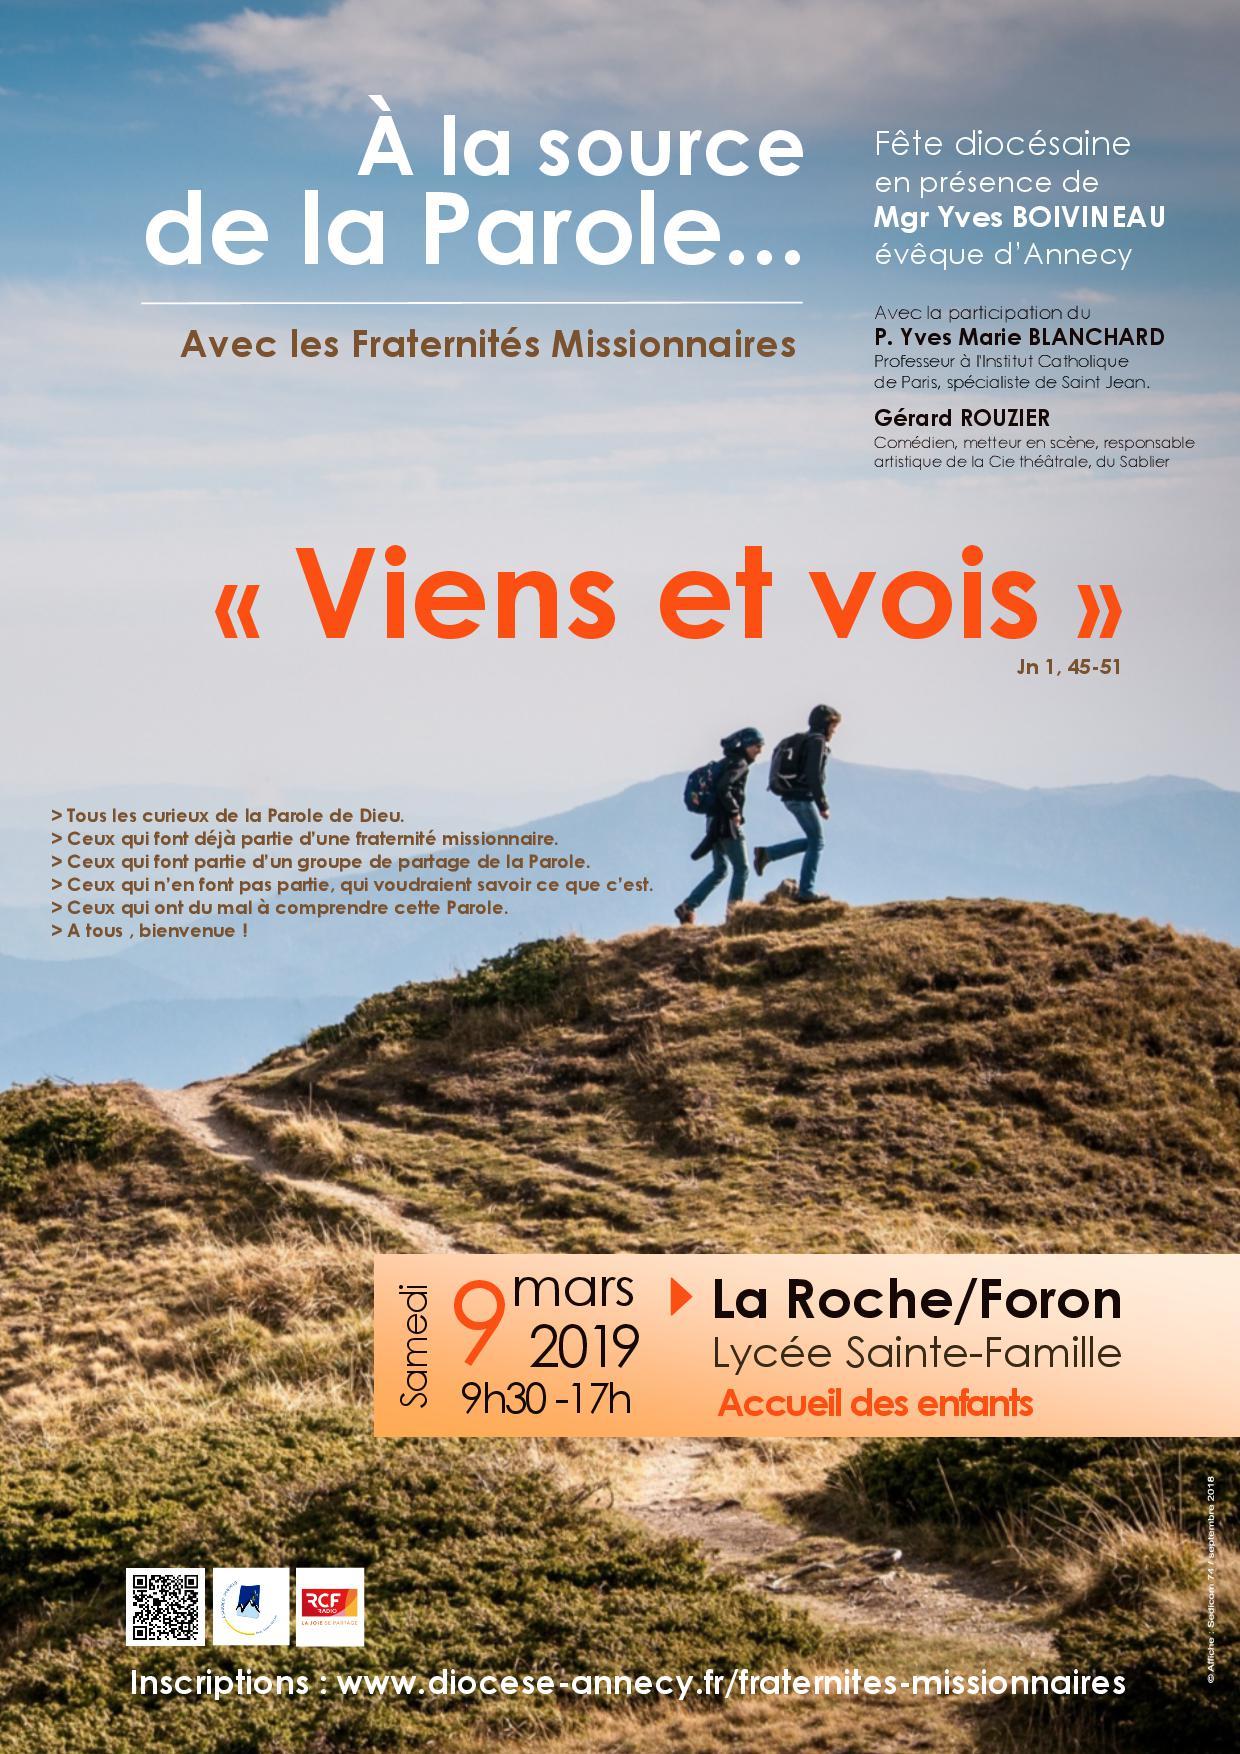 Viens et vois!  Rassemblement du diocèse d'Annecy le 9 mars 2019 à La Roche-sur-Foron (74)